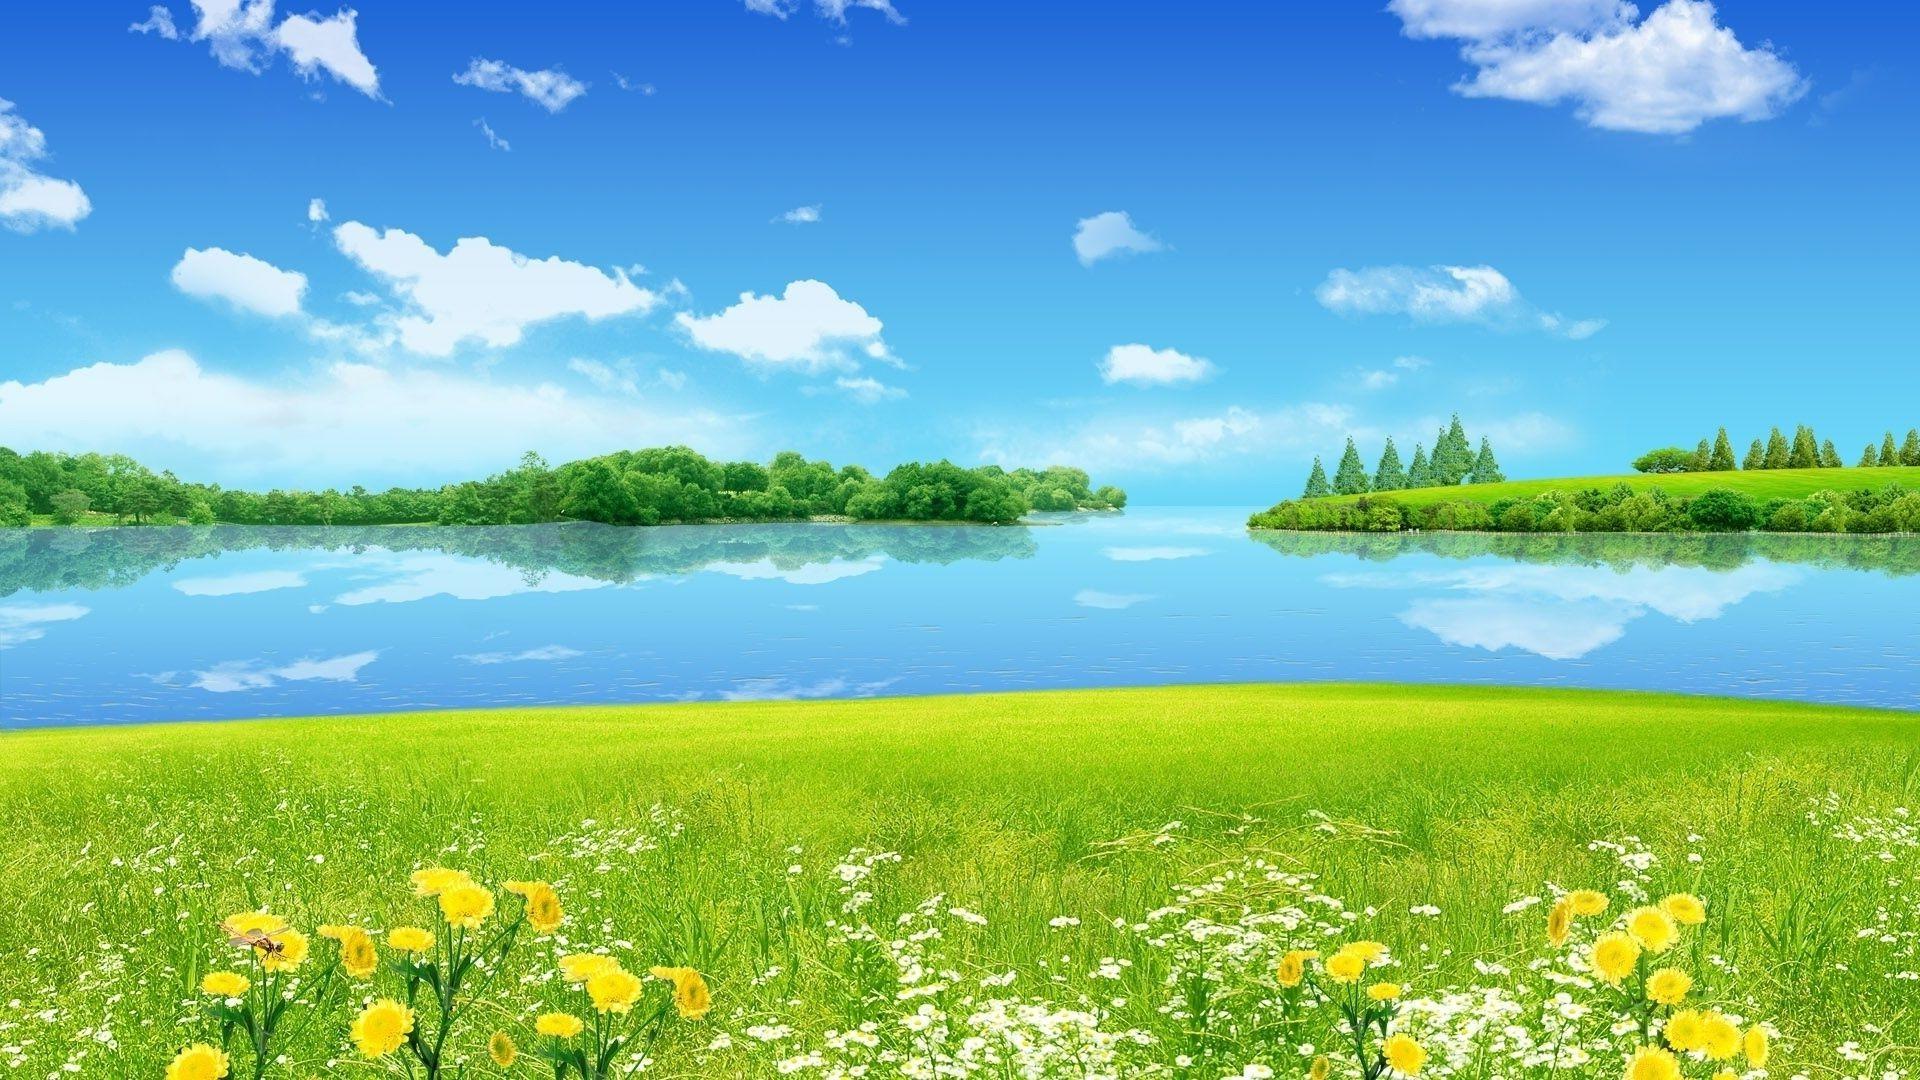 солнце лужайка березы  № 2741935 бесплатно